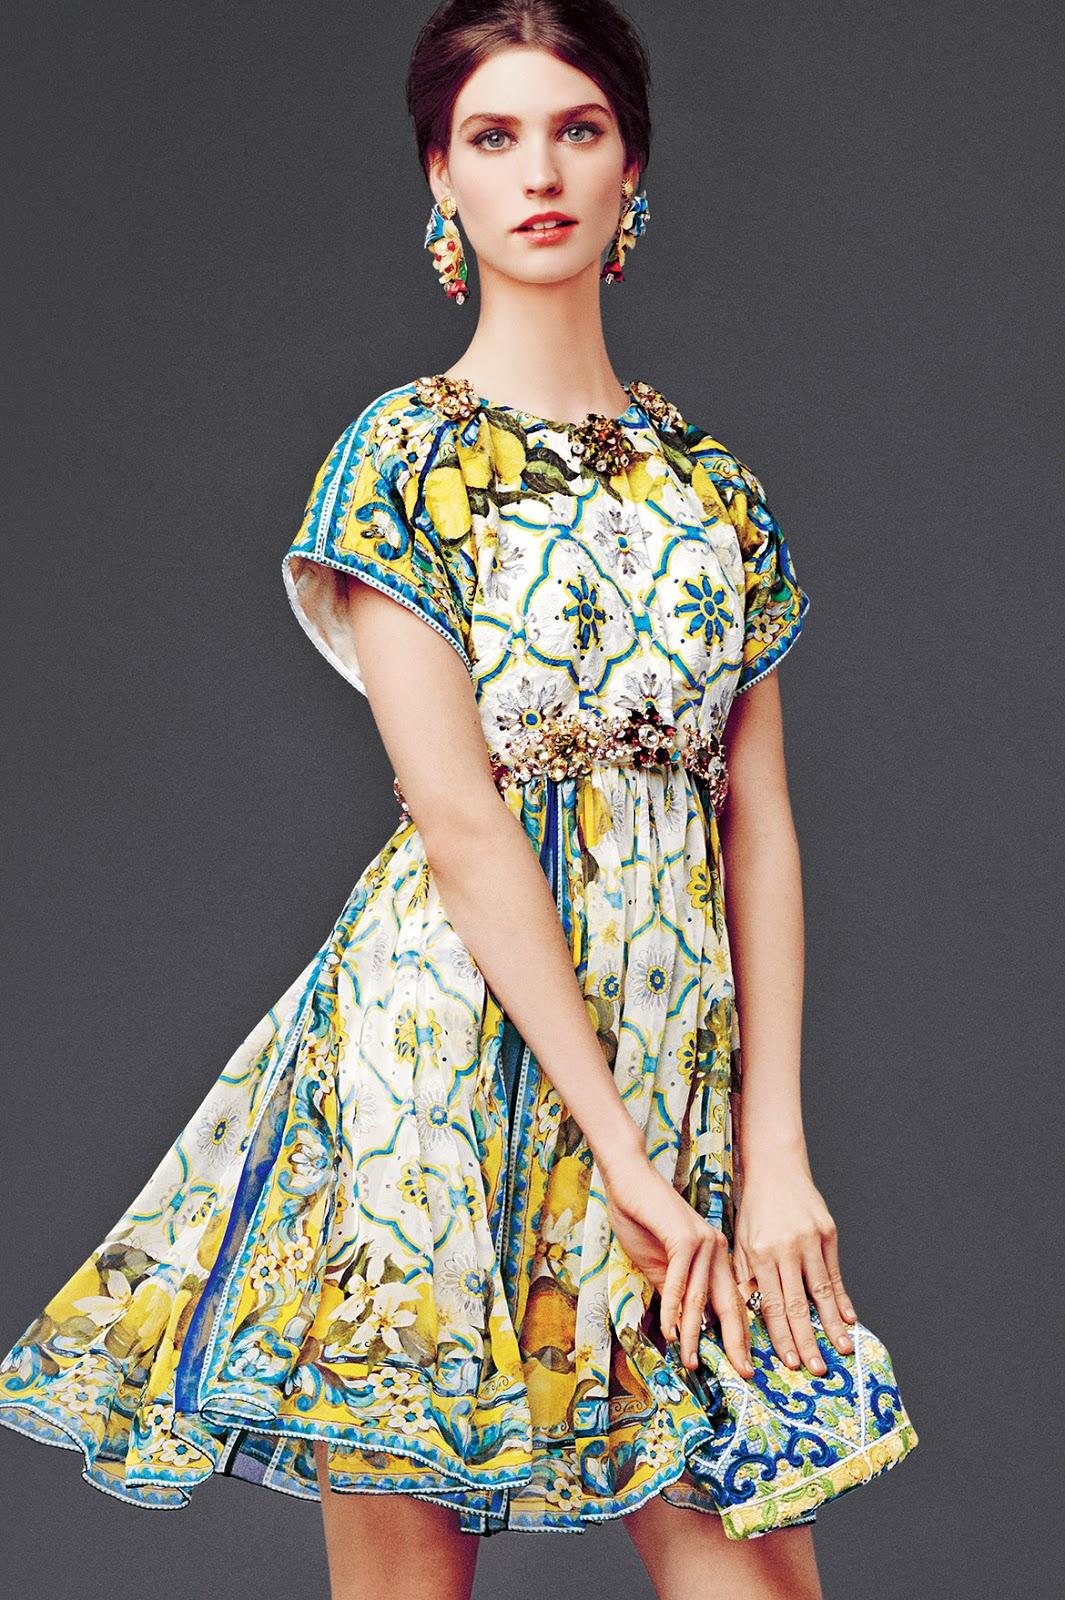 Модные сарафаны 2015. Фото моделей